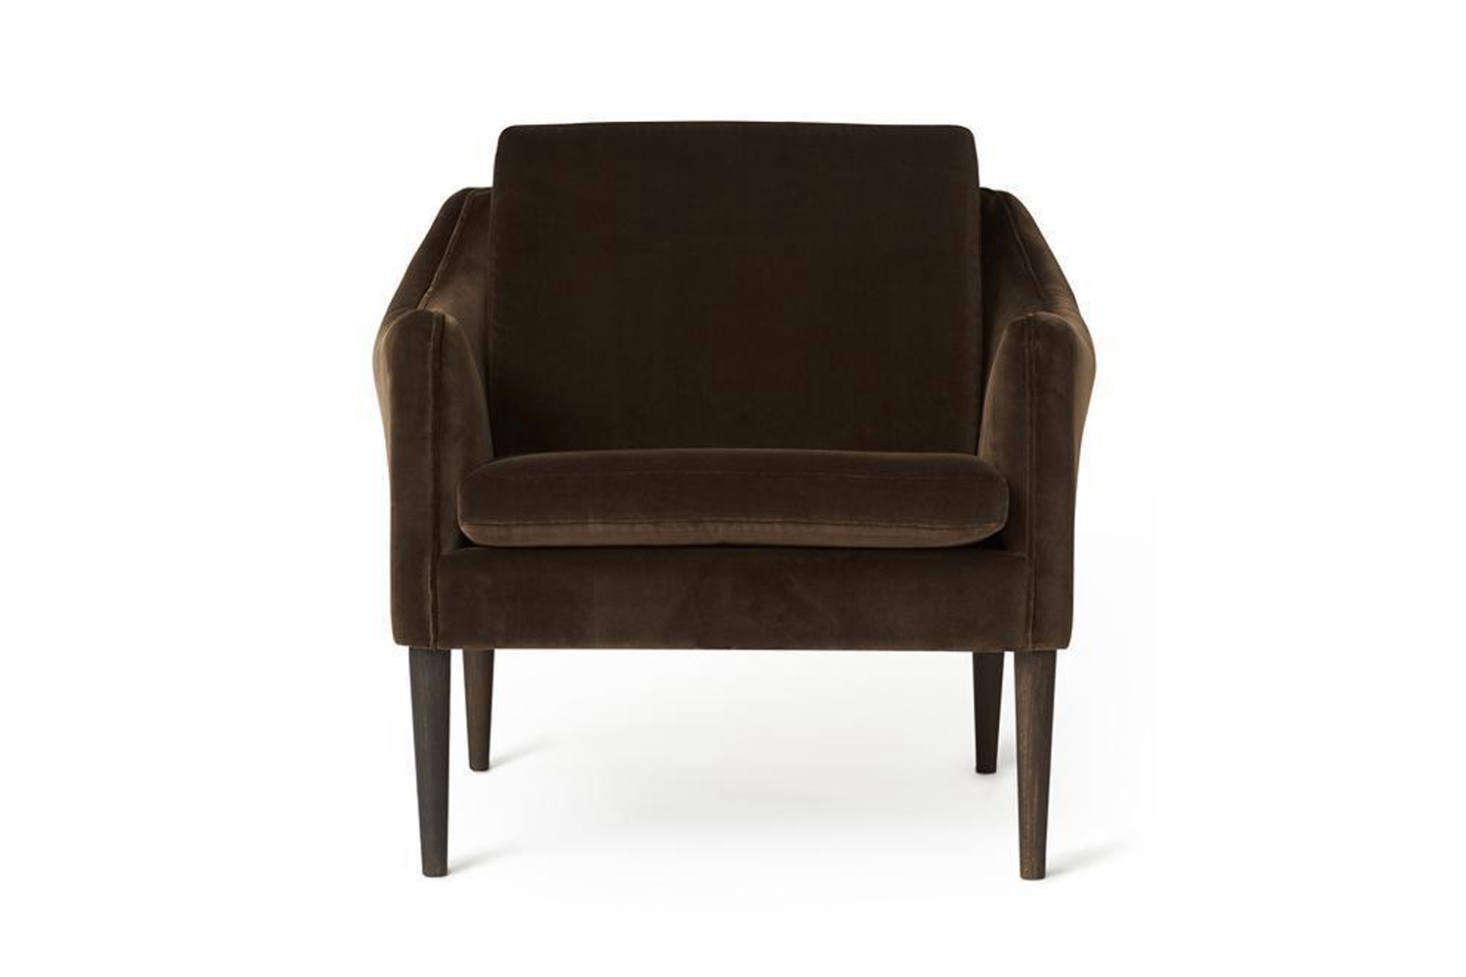 Designed by Hans Olsen for Warm Nordic, the Mr Olsen Lounge Chair comes in 8 different velvet upholstery fabrics; $3,